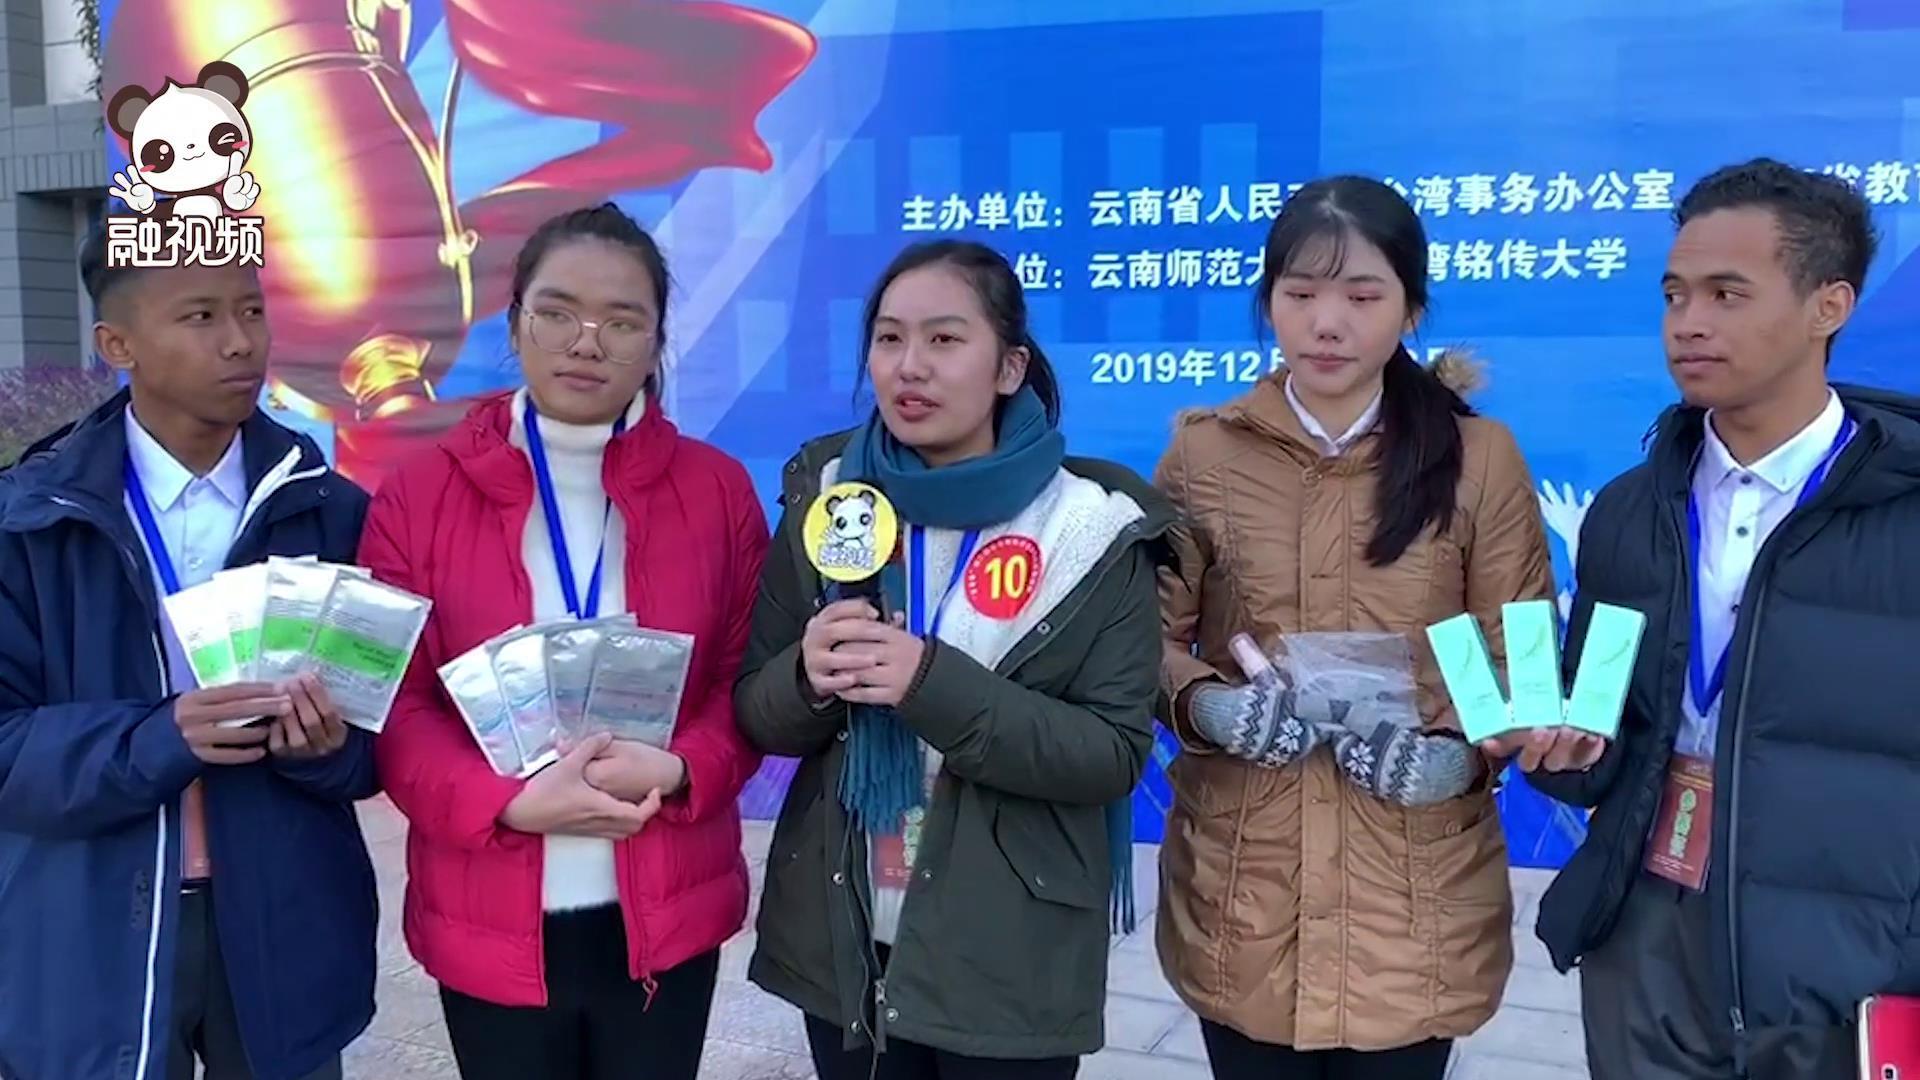 第二届云台青年学生创新创业邀请-台湾创业小伙伴图片